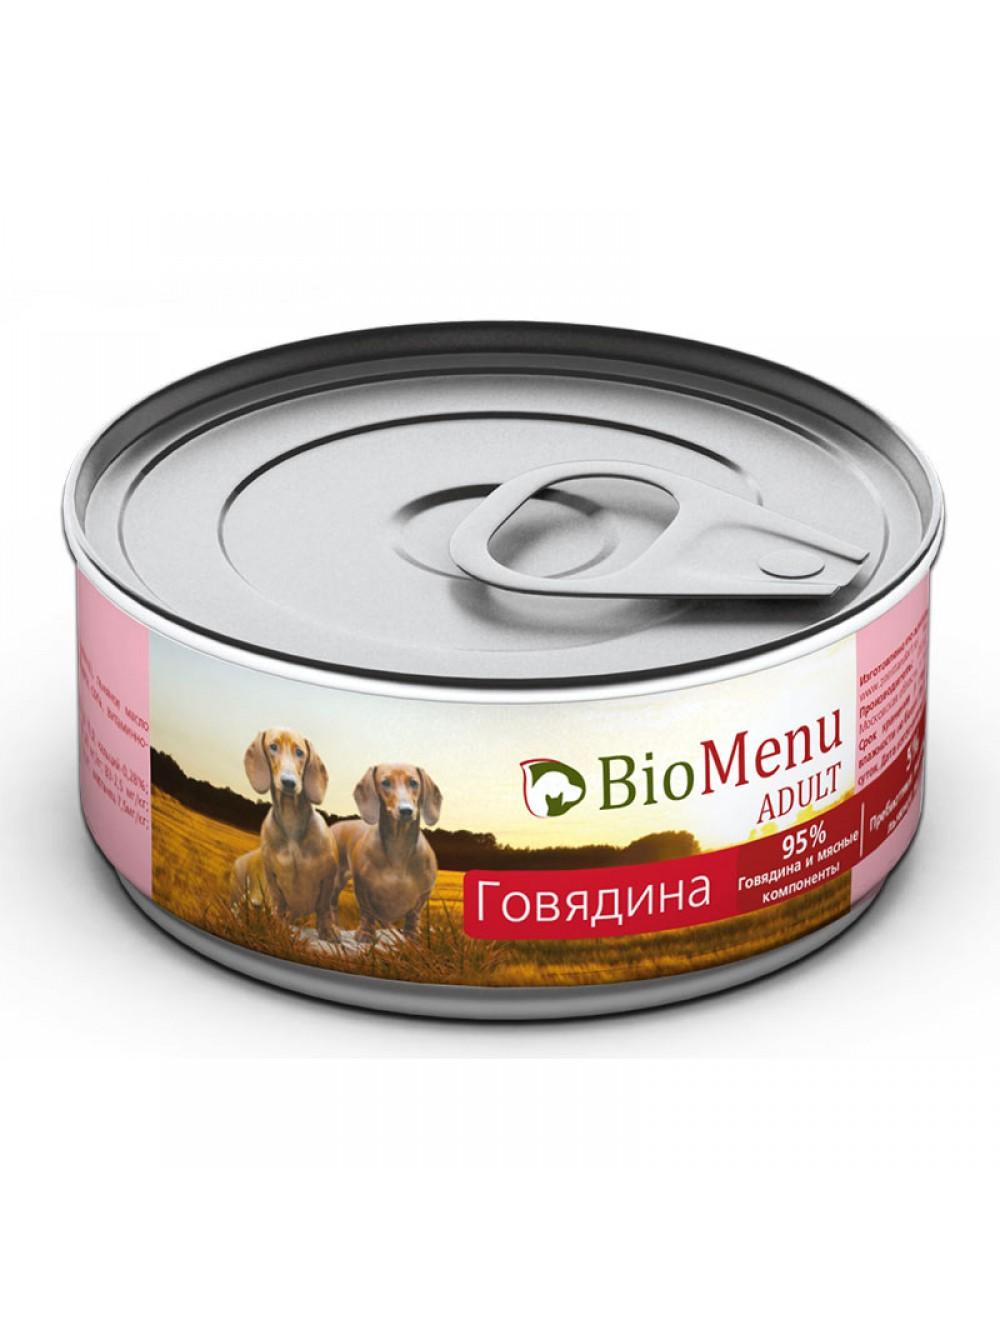 БиоМеню Консервы Adult для взрослых собак, в ассортименте, 24*100 г, BioMenu